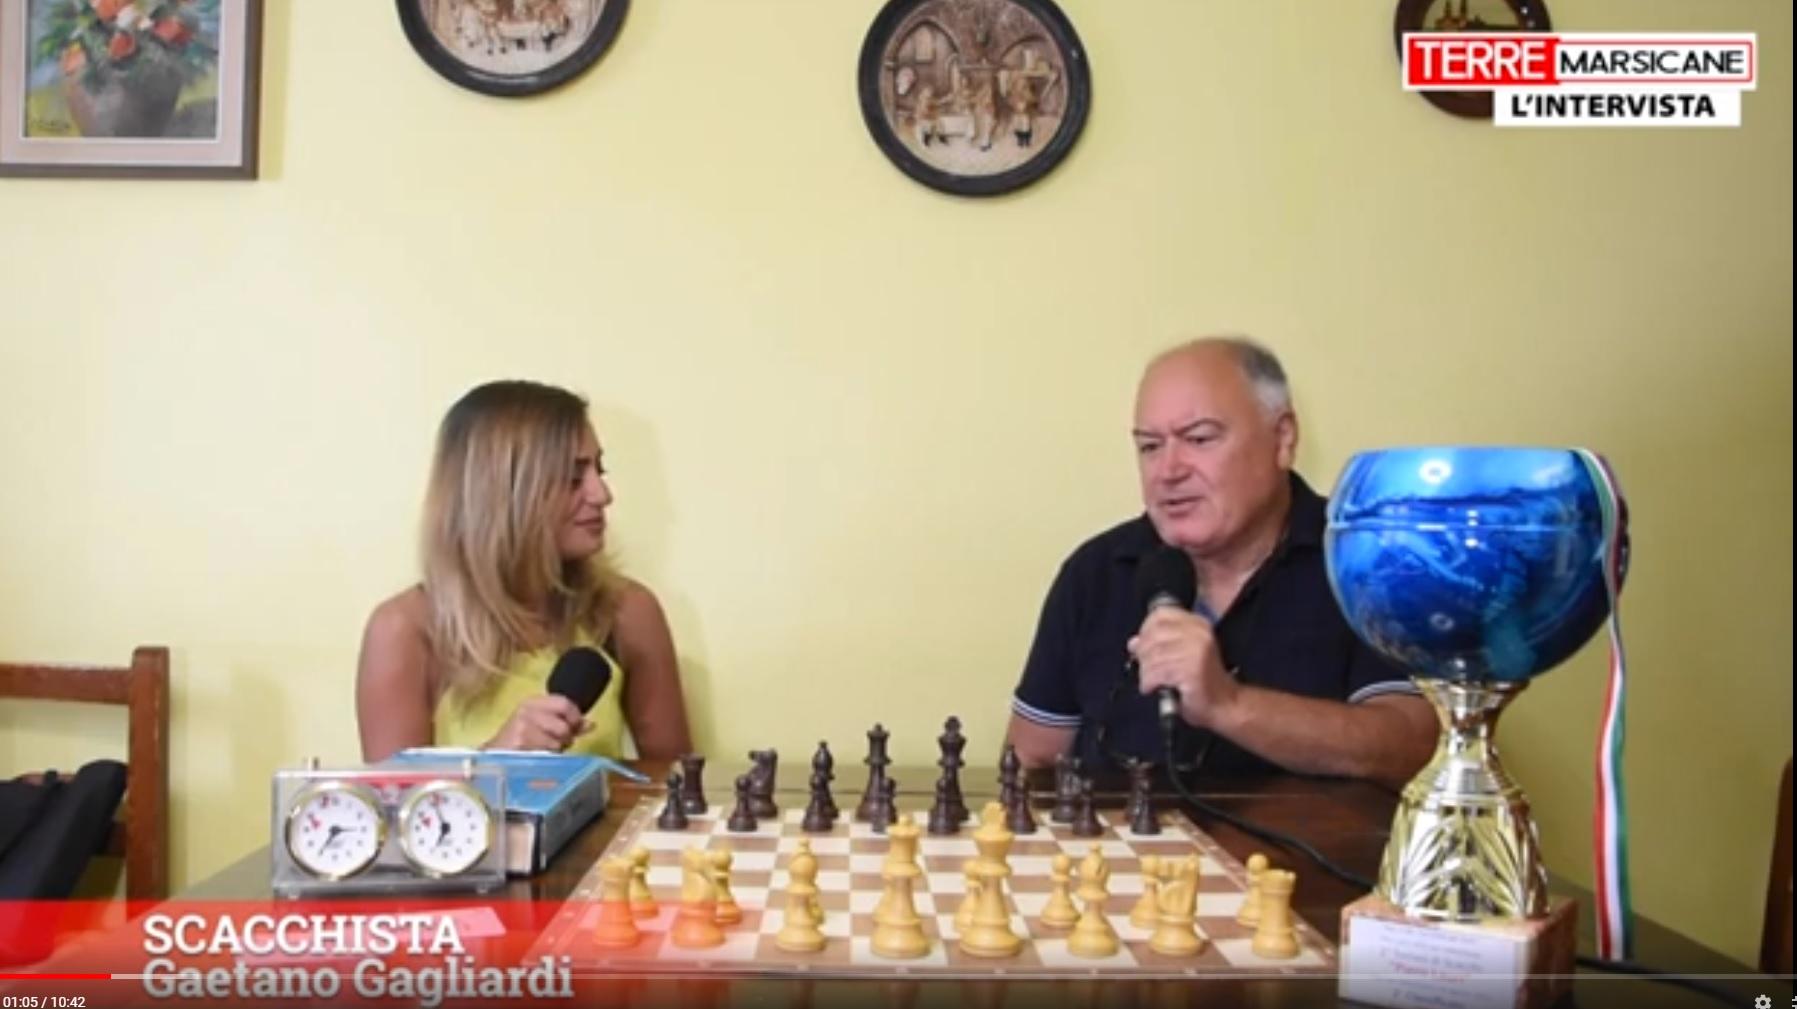 Mondo degli scacchi con il sandonatese pluripremiato Gaetano Gagliardi